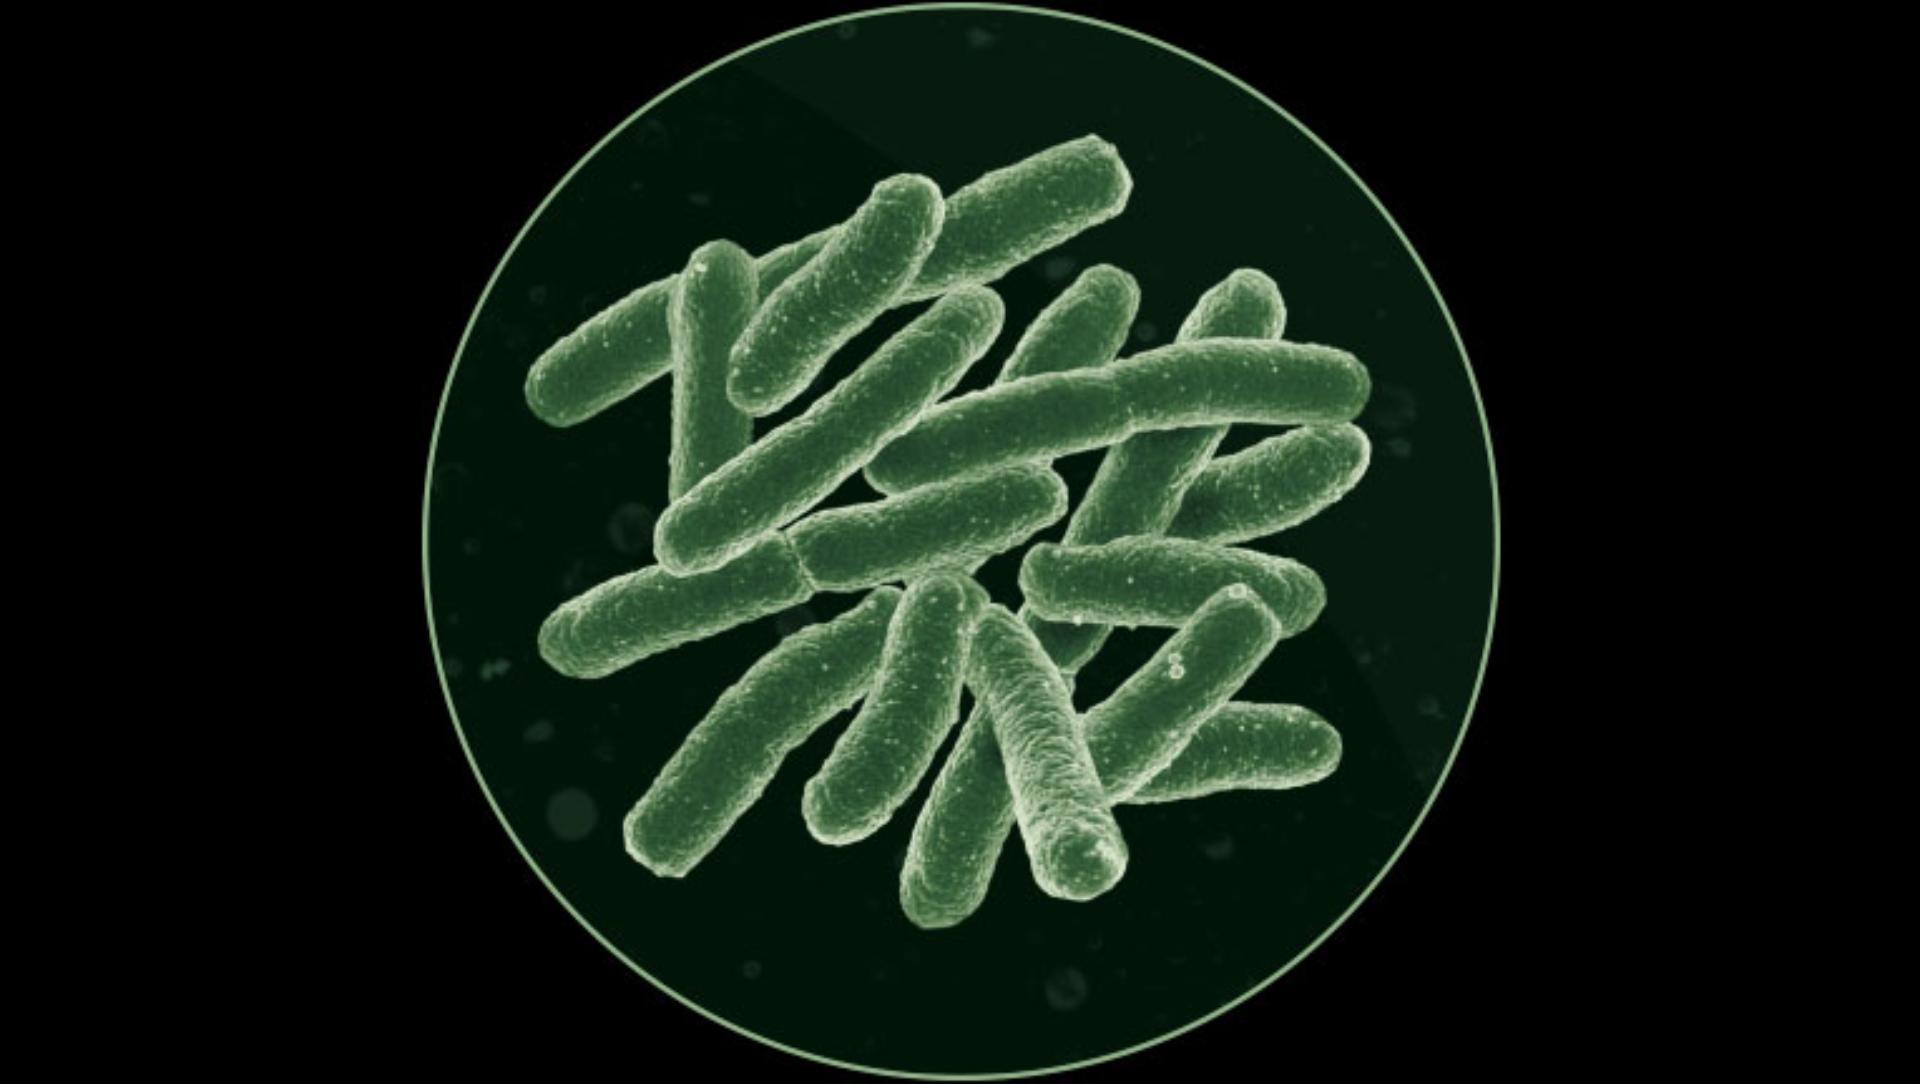 박테리아와 곰팡이의 확대 이미지